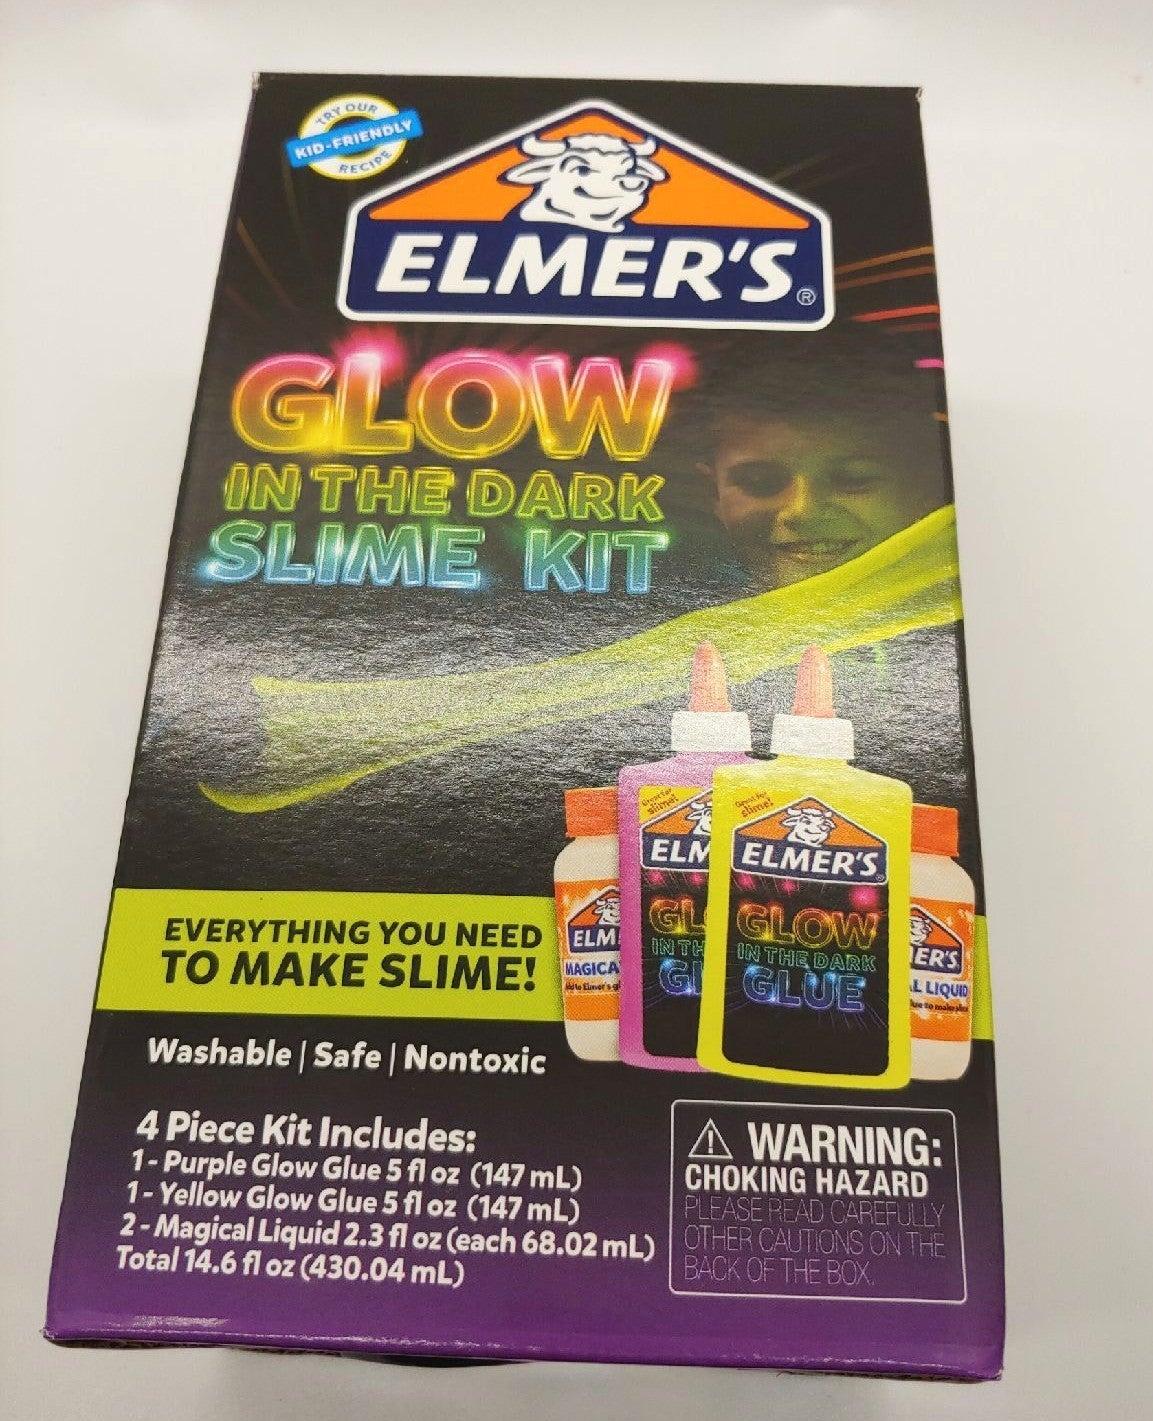 Elmers Glow in the Dark Slime Kit